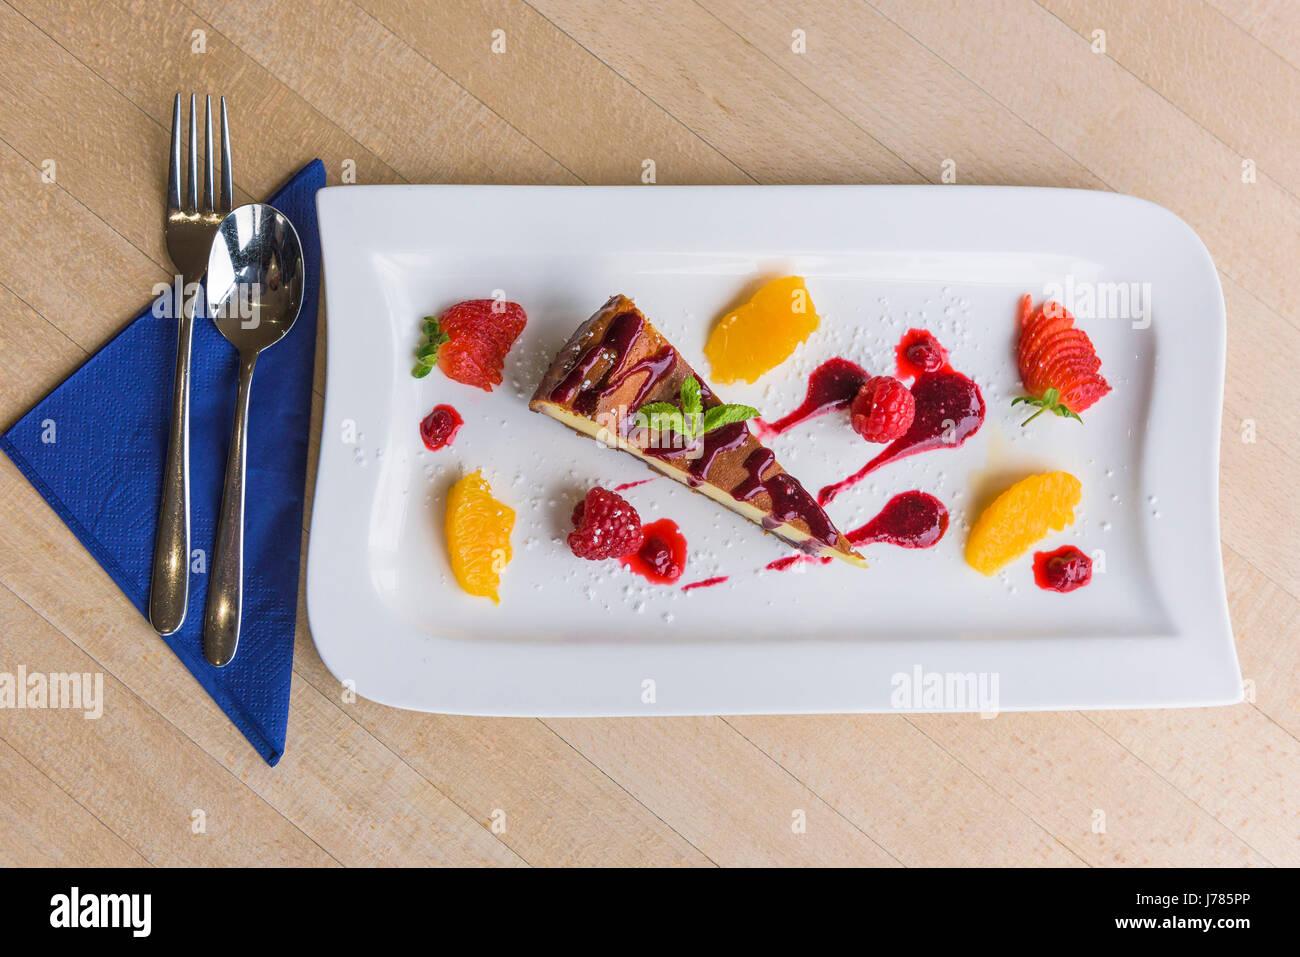 Una visión más cercana de un colorido postre servido en un restaurante; Alimentos;; budín dulce; Imagen De Stock